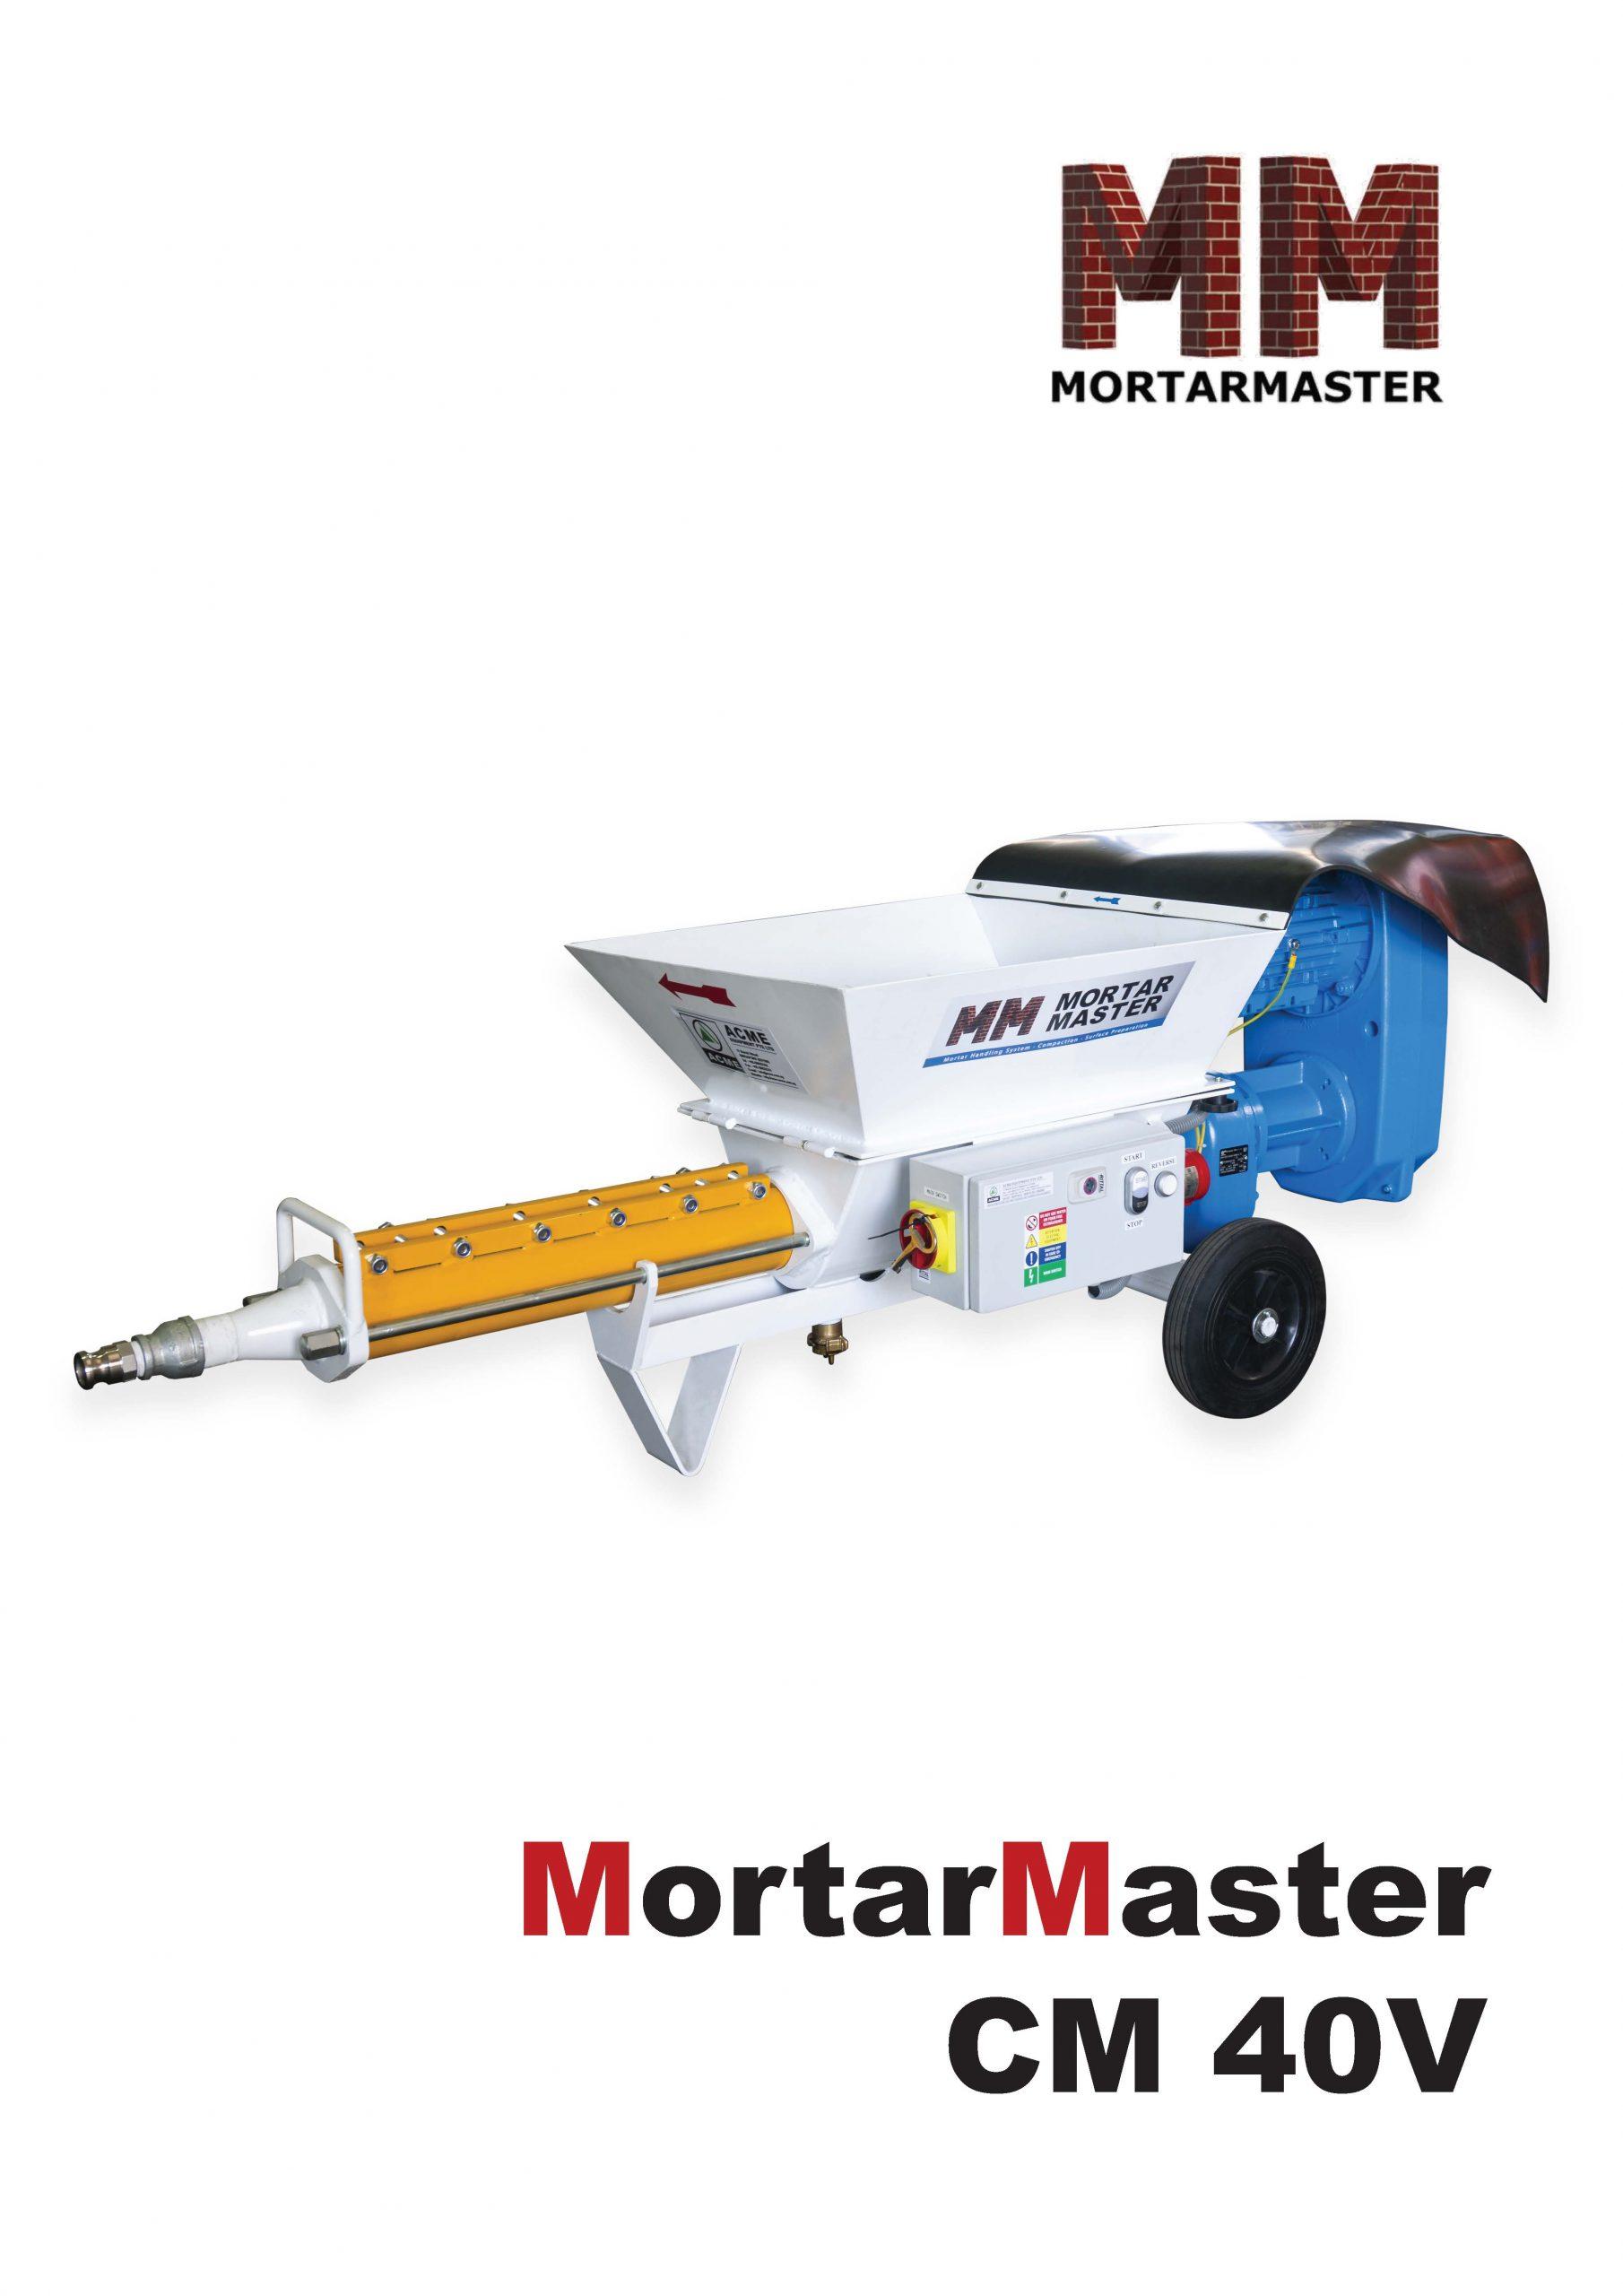 Mortar Master CM40V Brochure